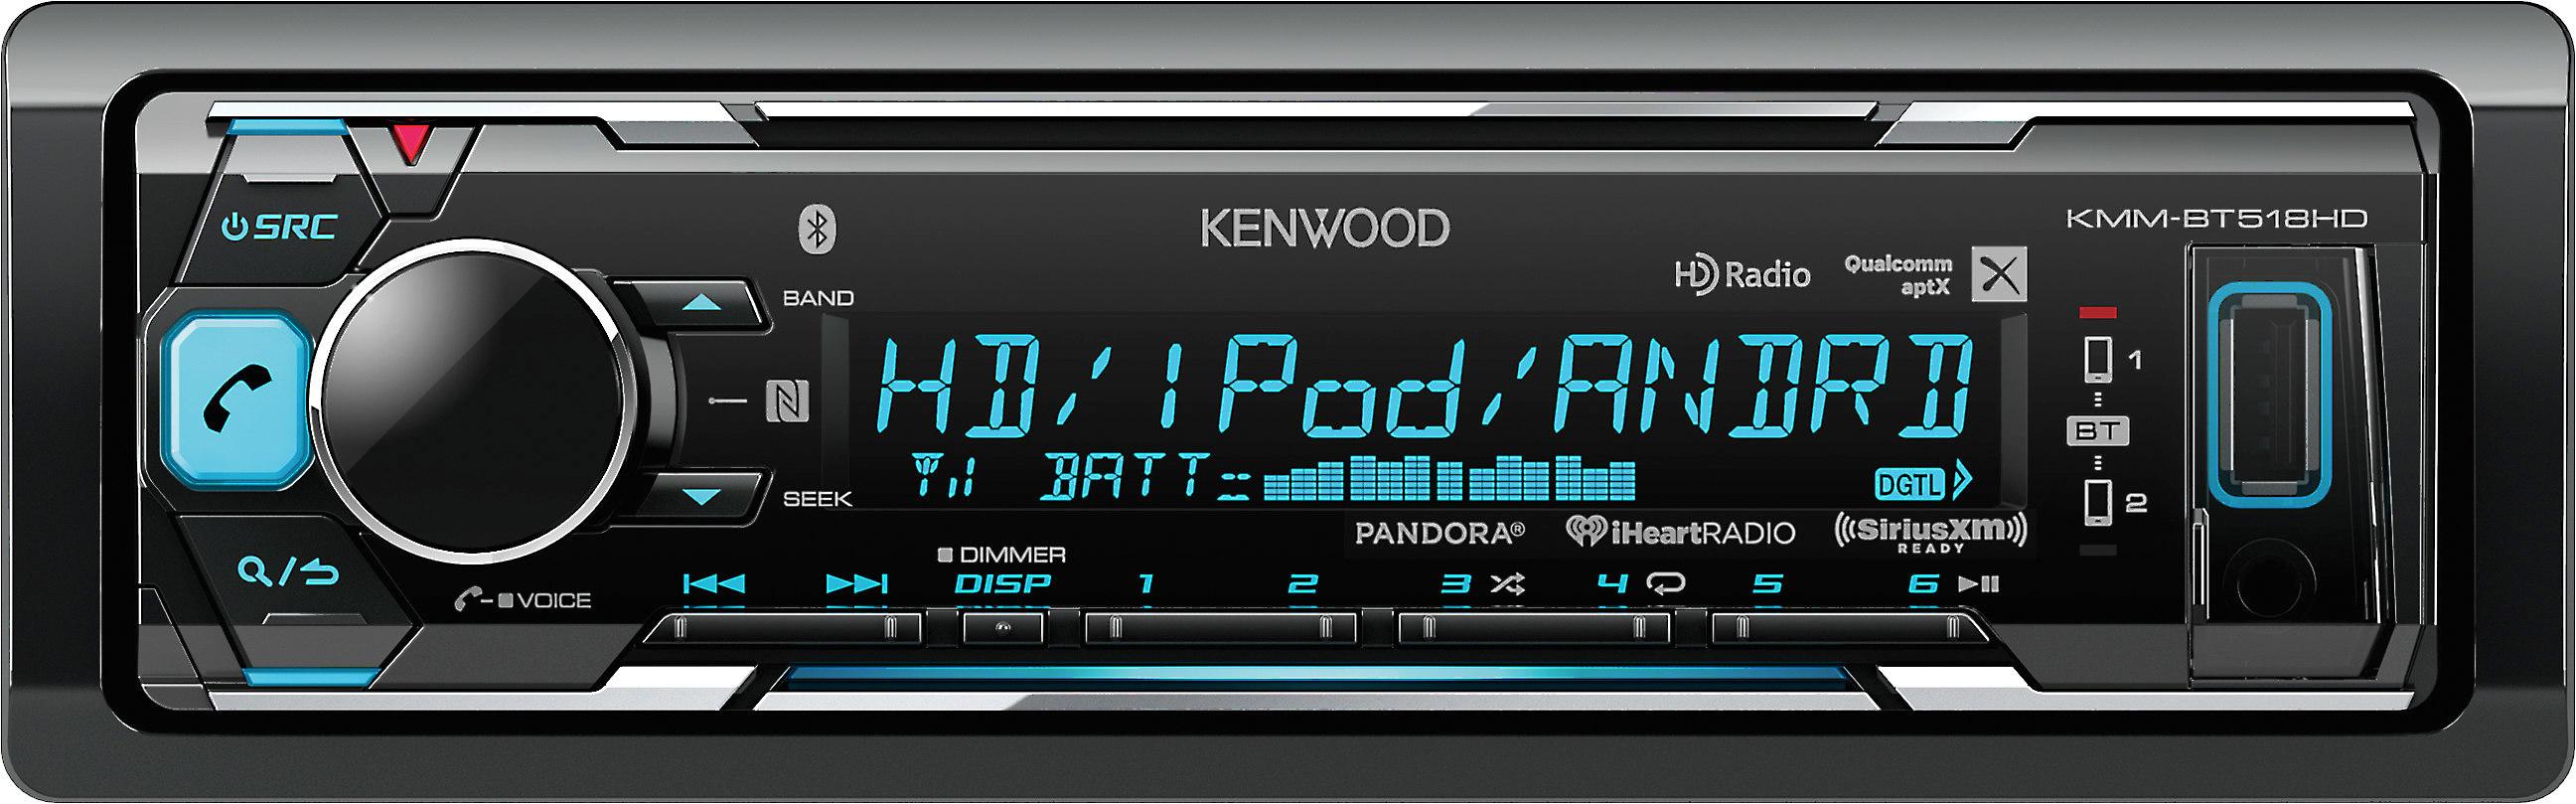 Kenwood KMM-BT518HD on